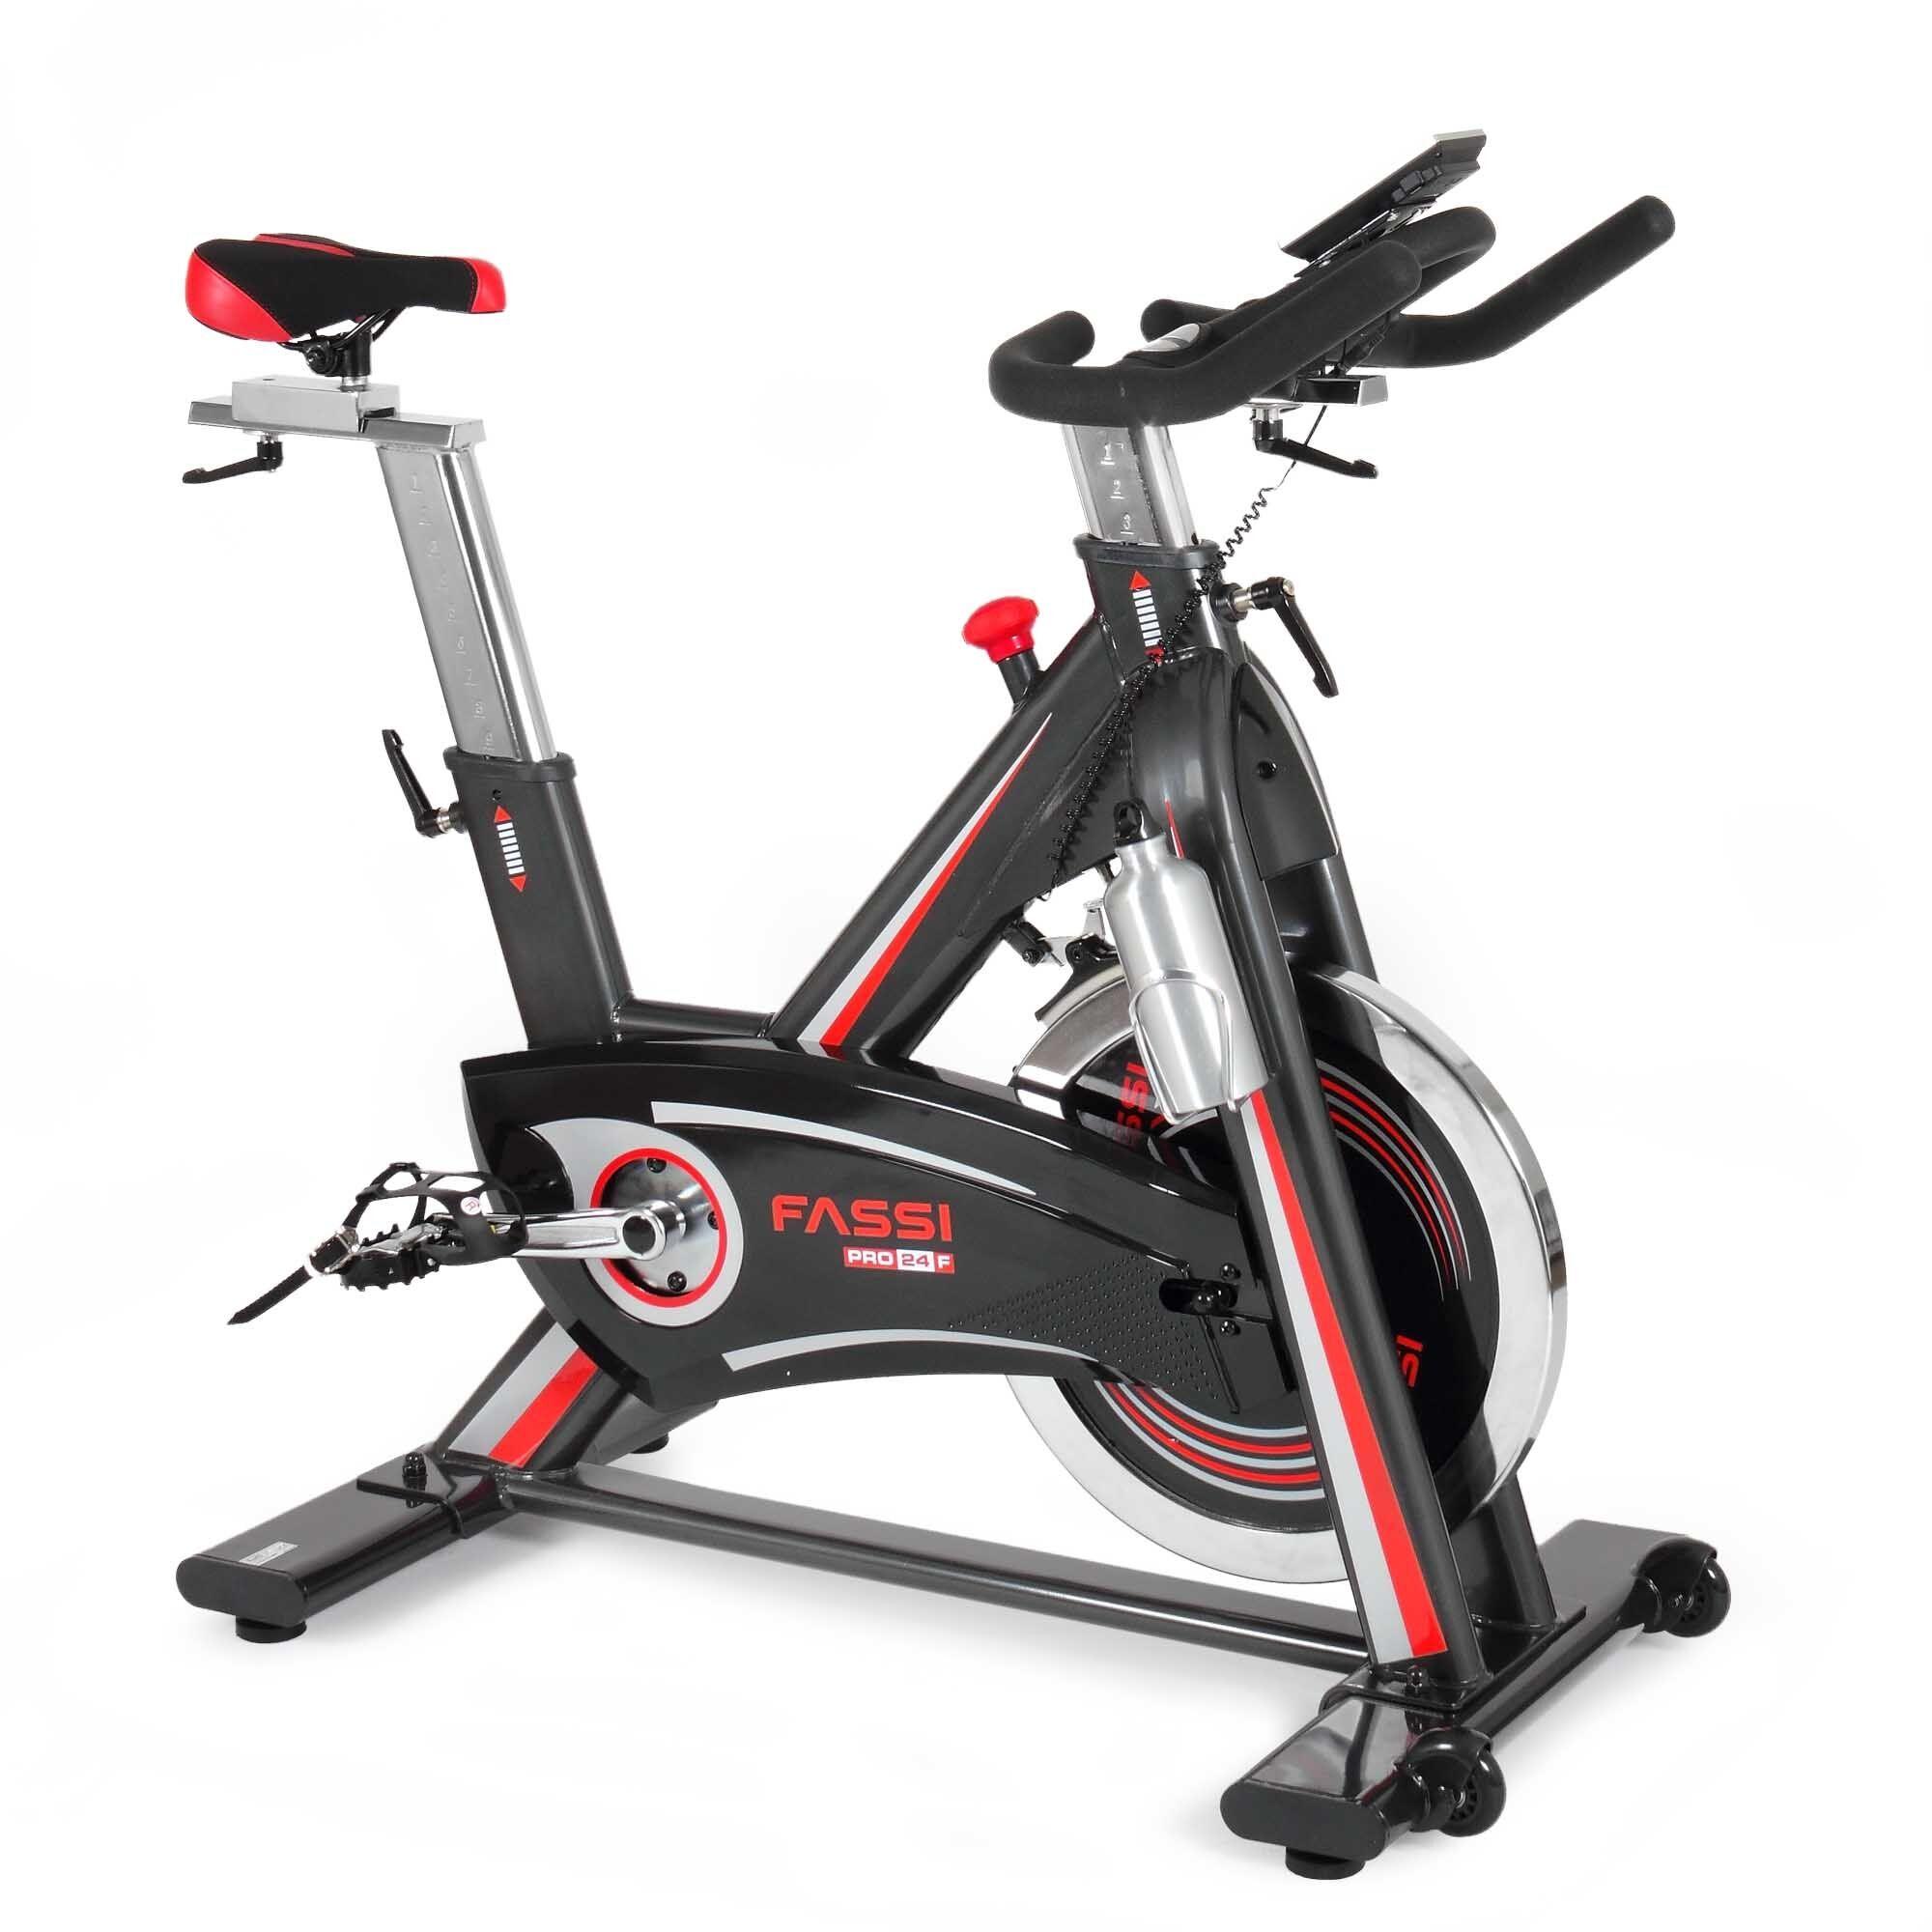 fassi fit bike pro 24 f